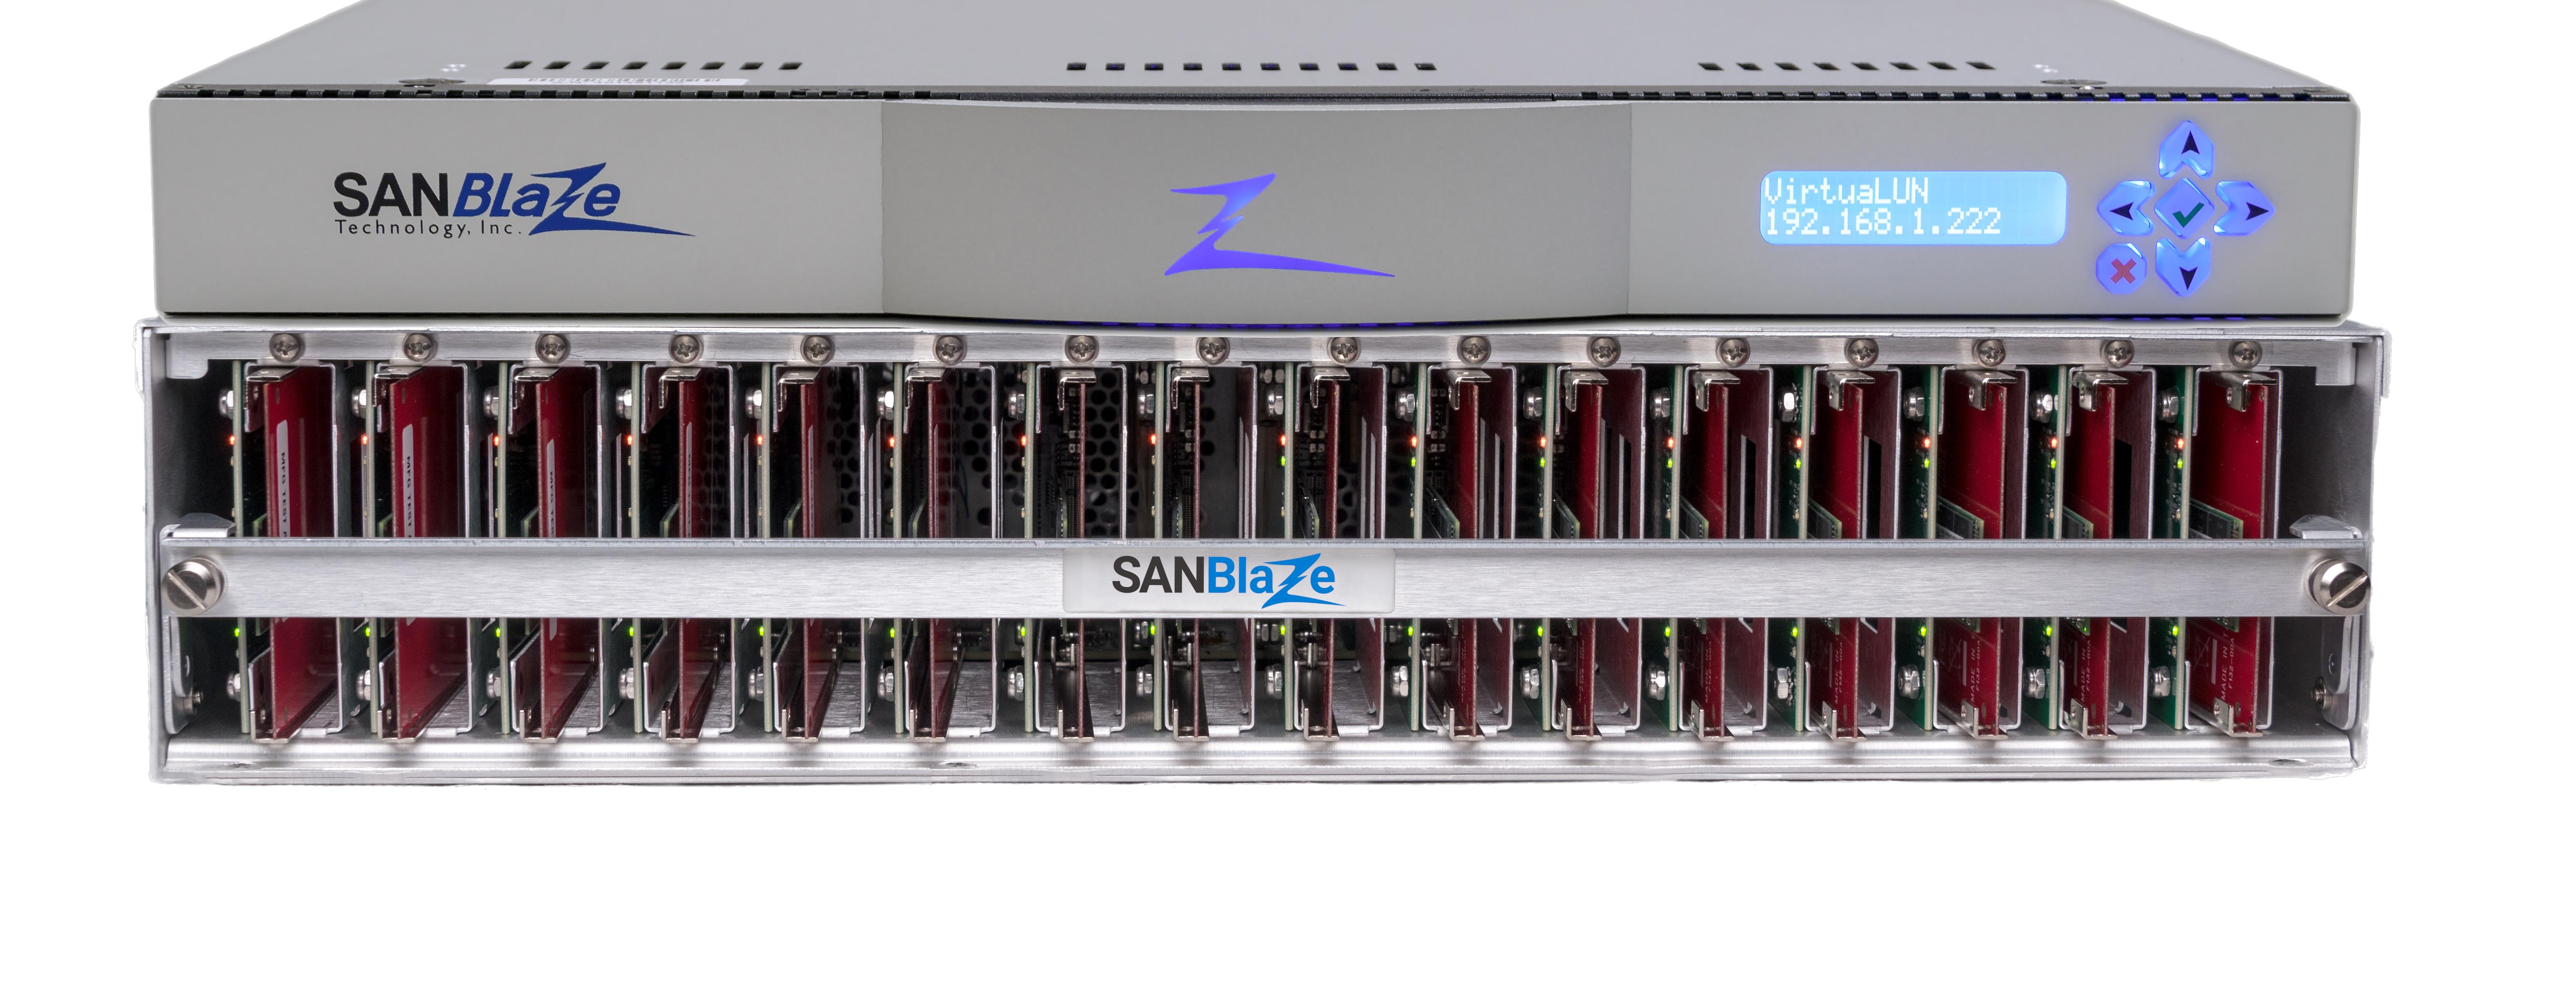 SANBlaze Technology, Inc  Official Site